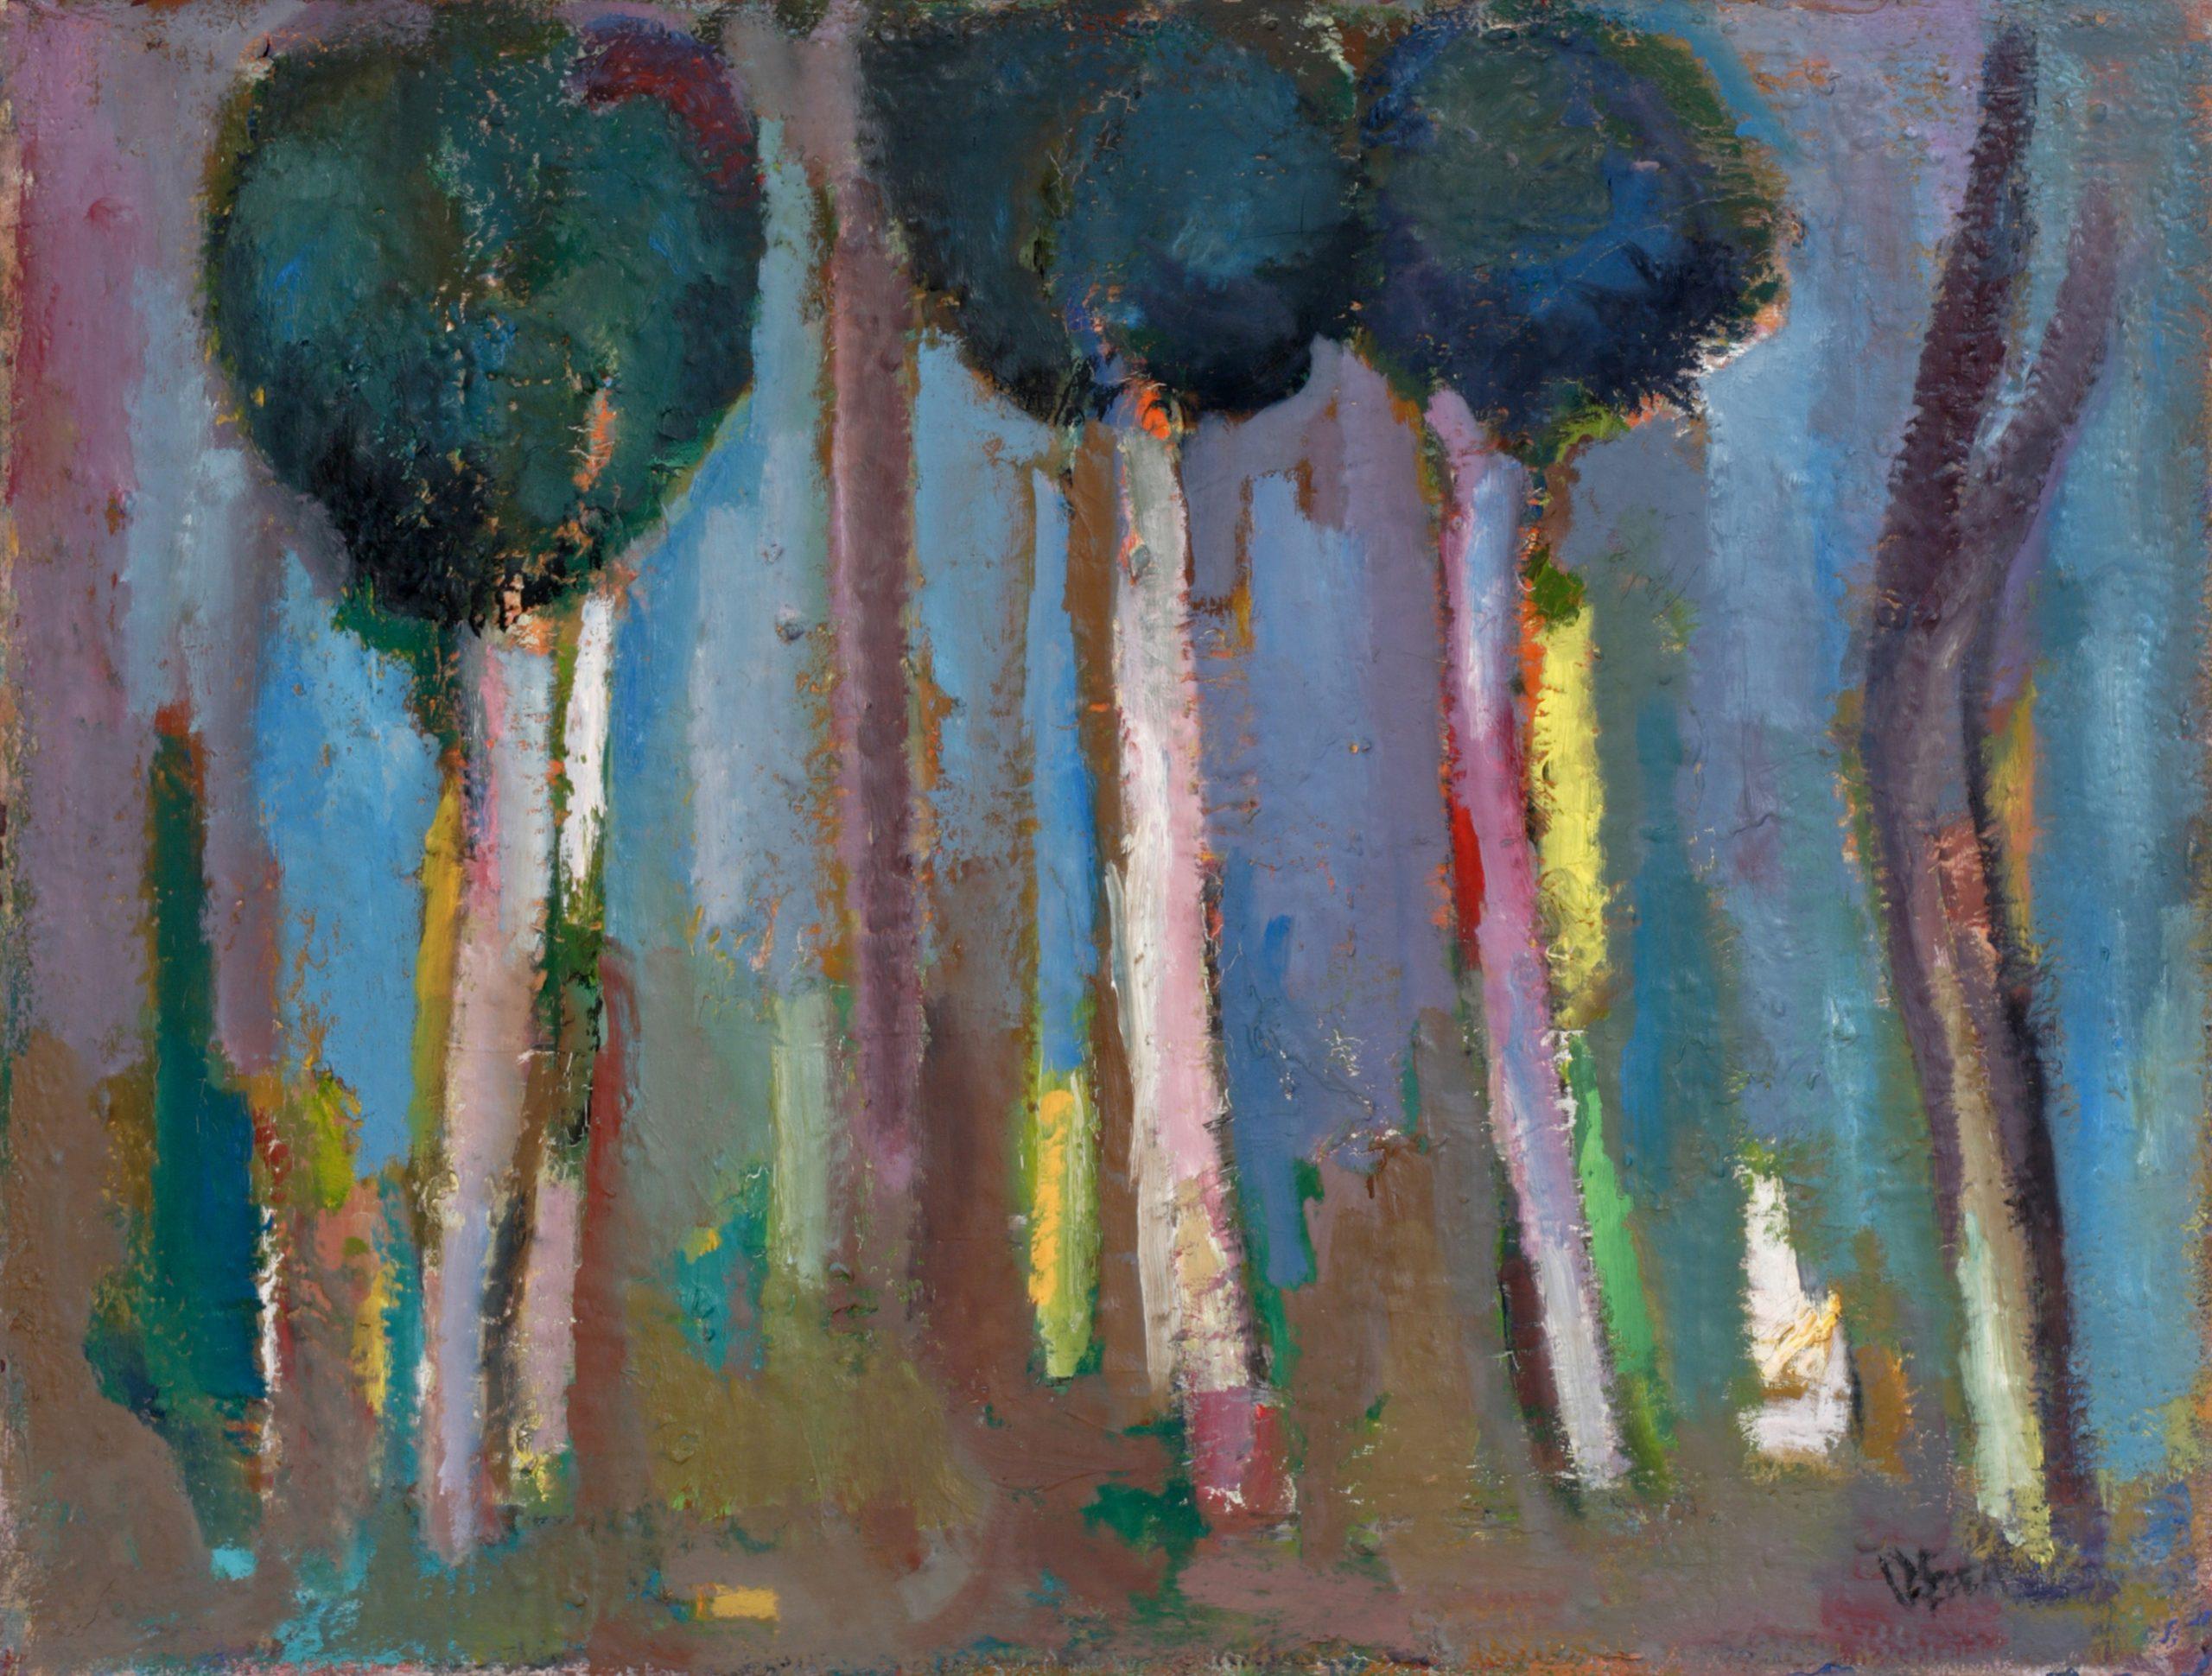 Пейзаж 'Дървета' 2 от Олга Белопитова